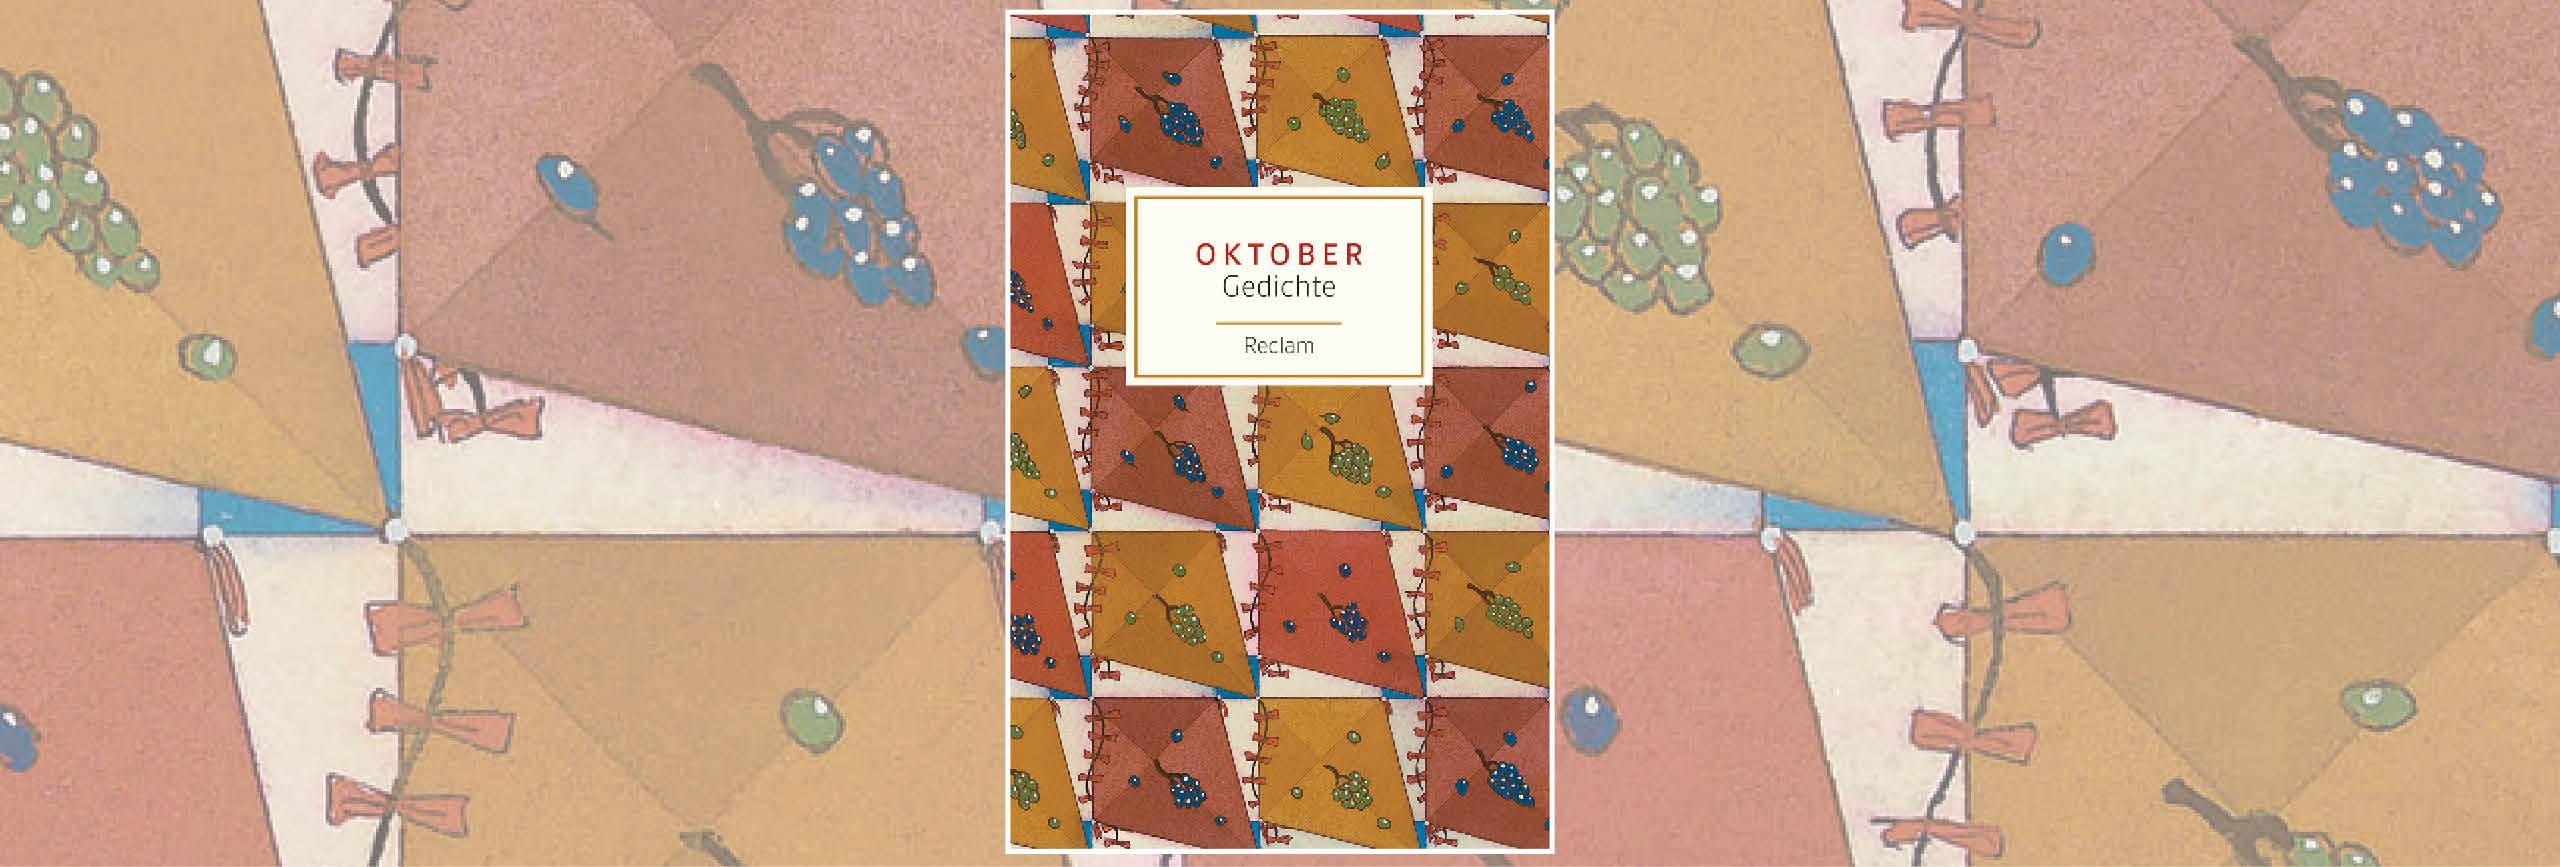 Oktober Gedichte